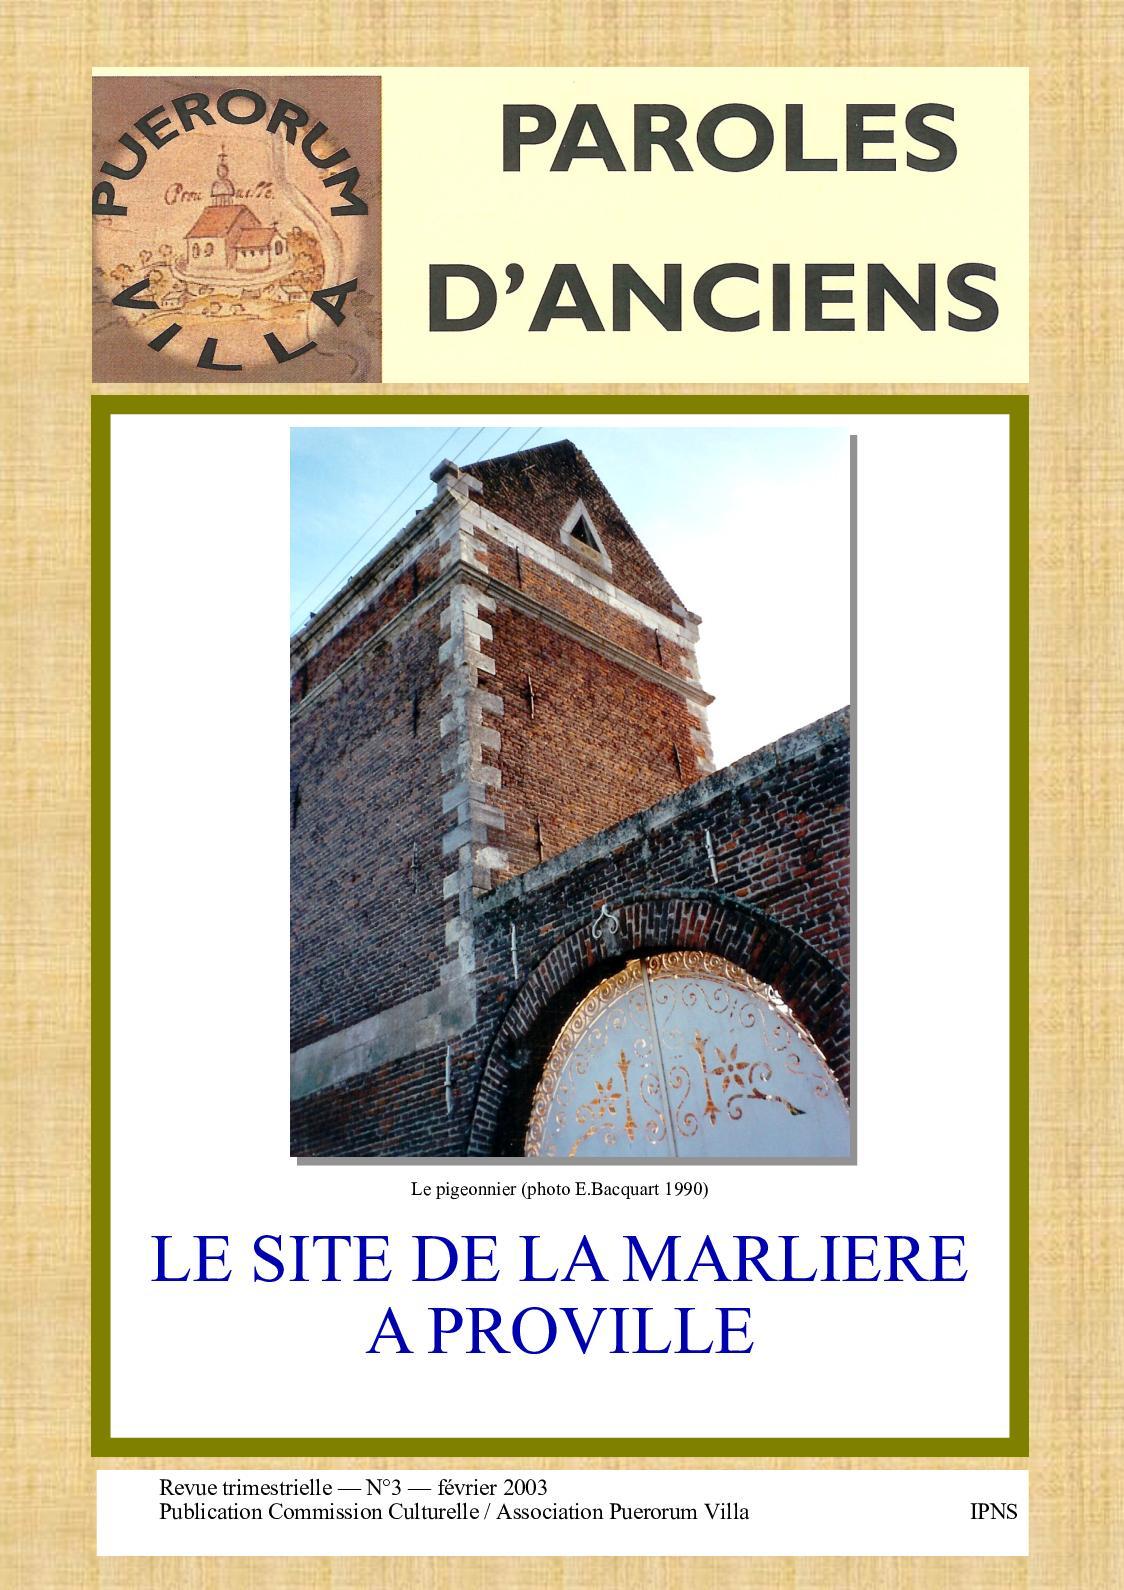 Pro Gouttiere Sainte Cecile calaméo - paroles d'anciens n°3. le site de la marlière à